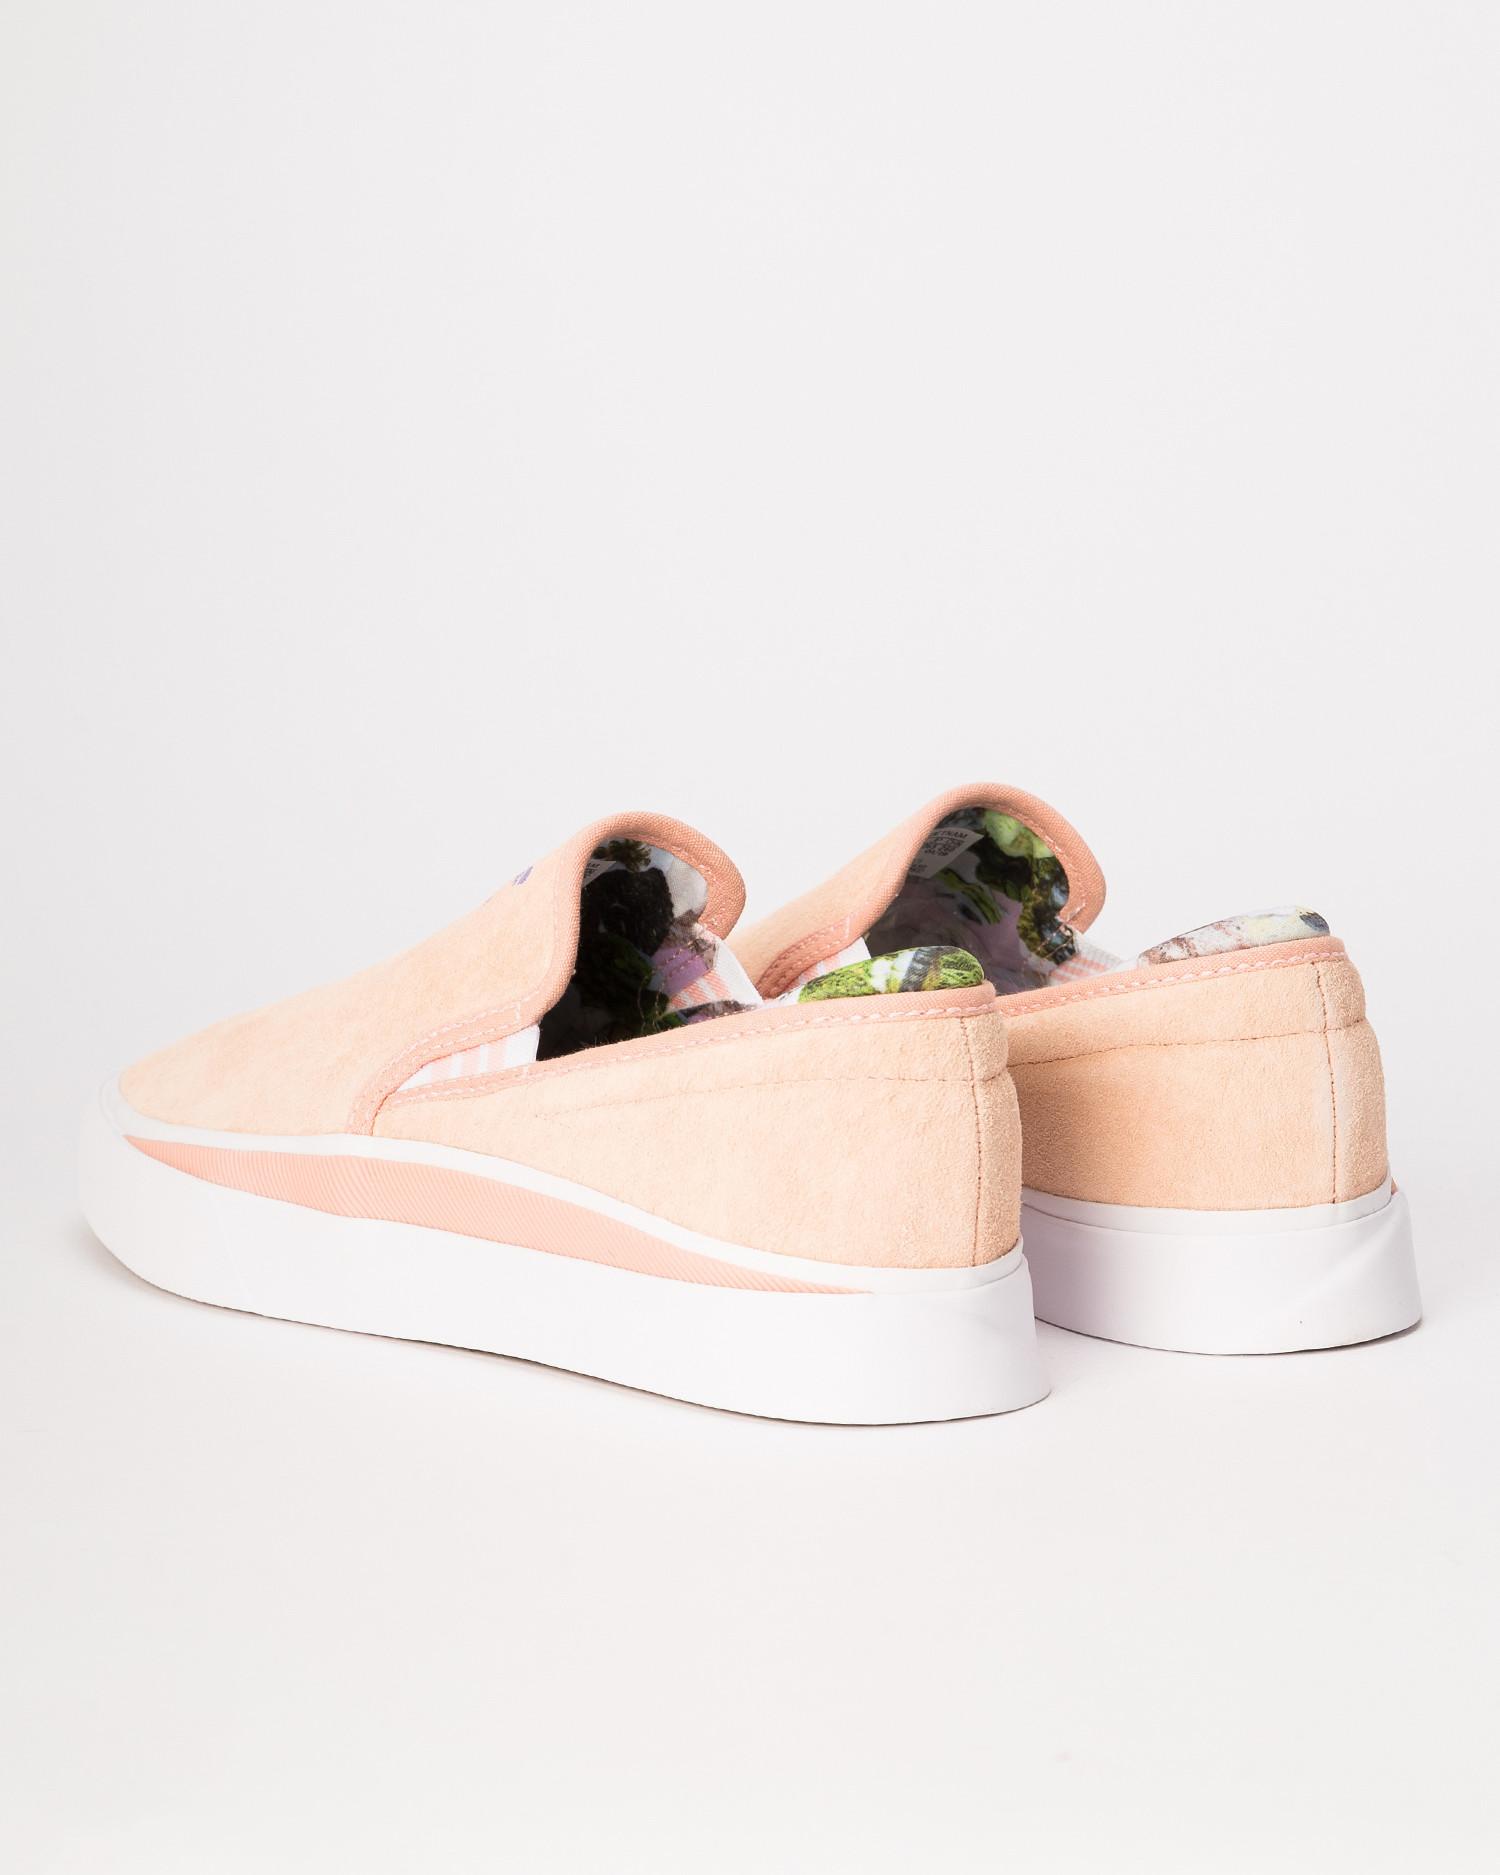 Adidas sabalo slip         cleora/ftwwht/lpurpl